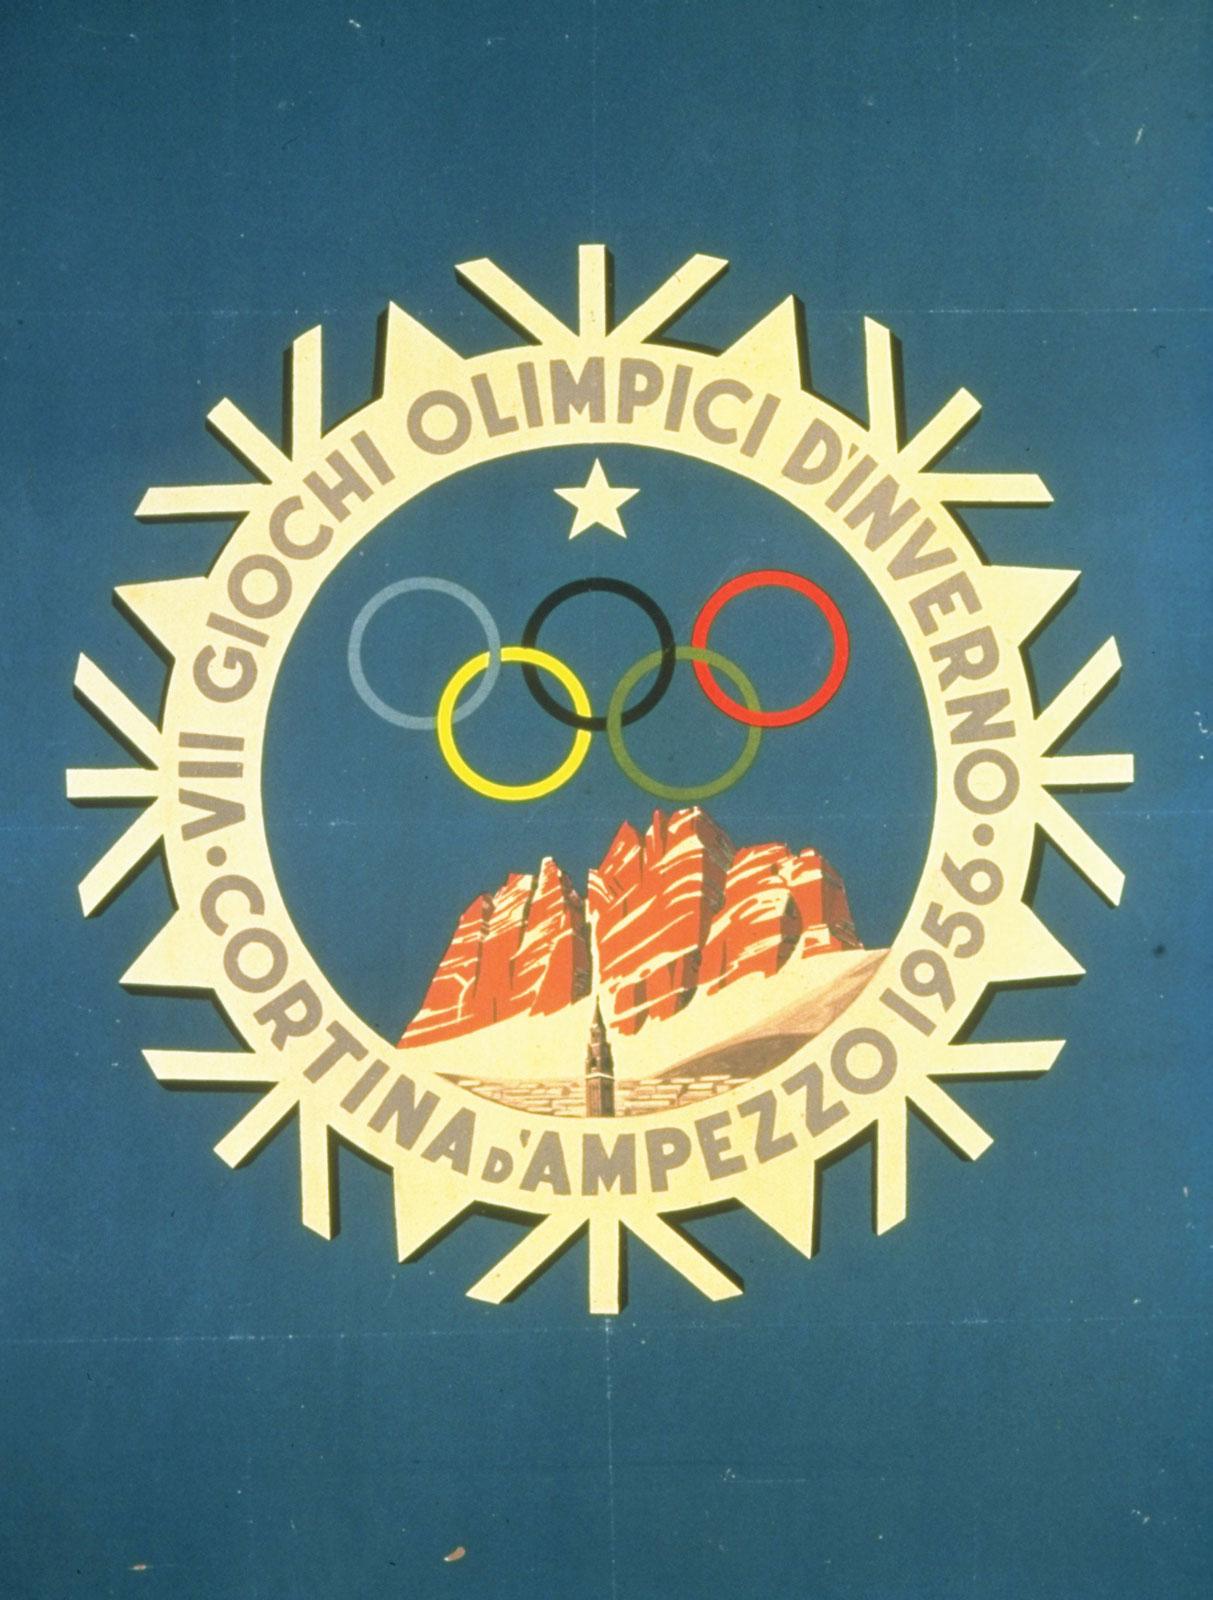 виды летних олимпийских игр